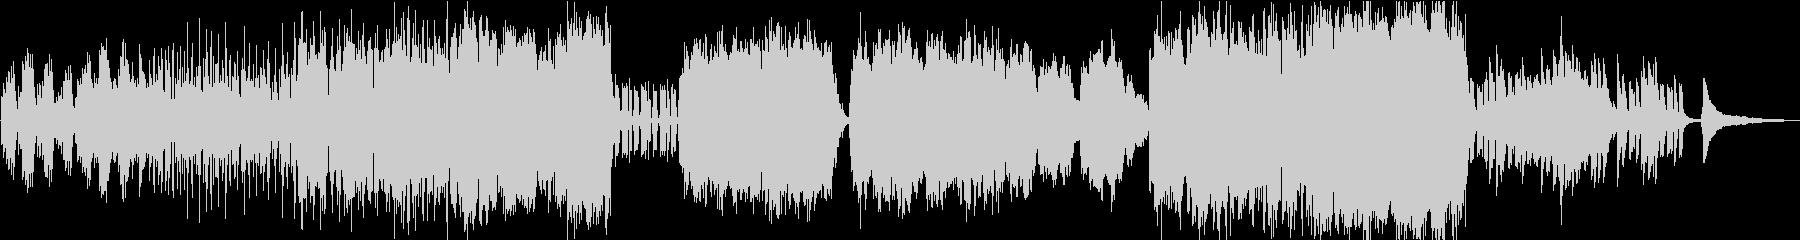 生演奏チェロ 渋めのバラードポップスの未再生の波形